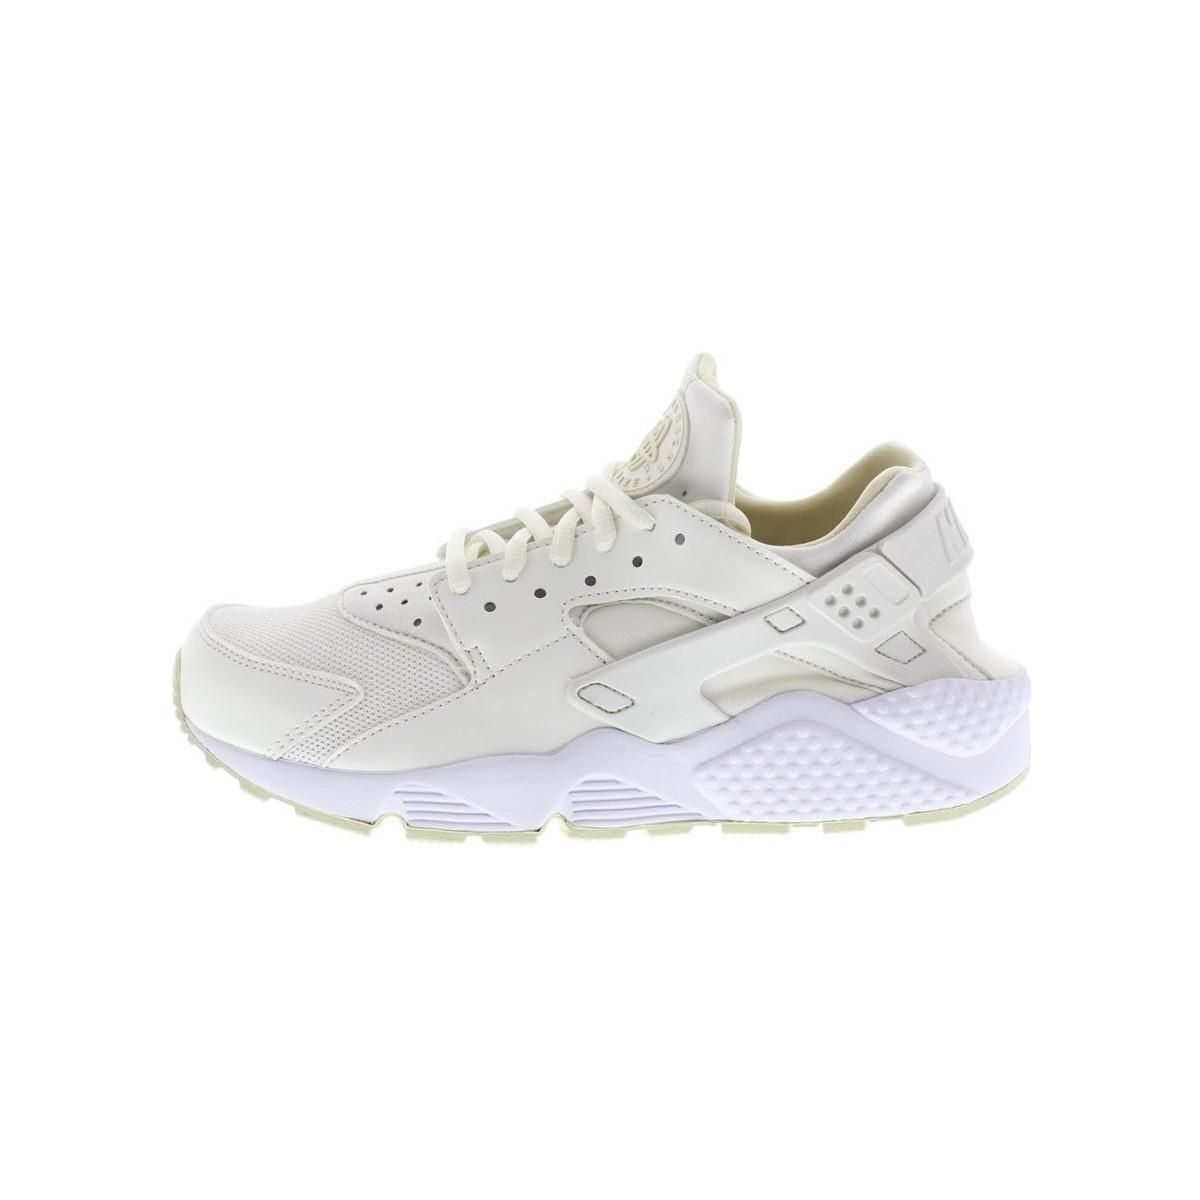 cbb5427ca581 Nike Air Huarache Run Women s Shoes (trainers) In Multicolour in ...